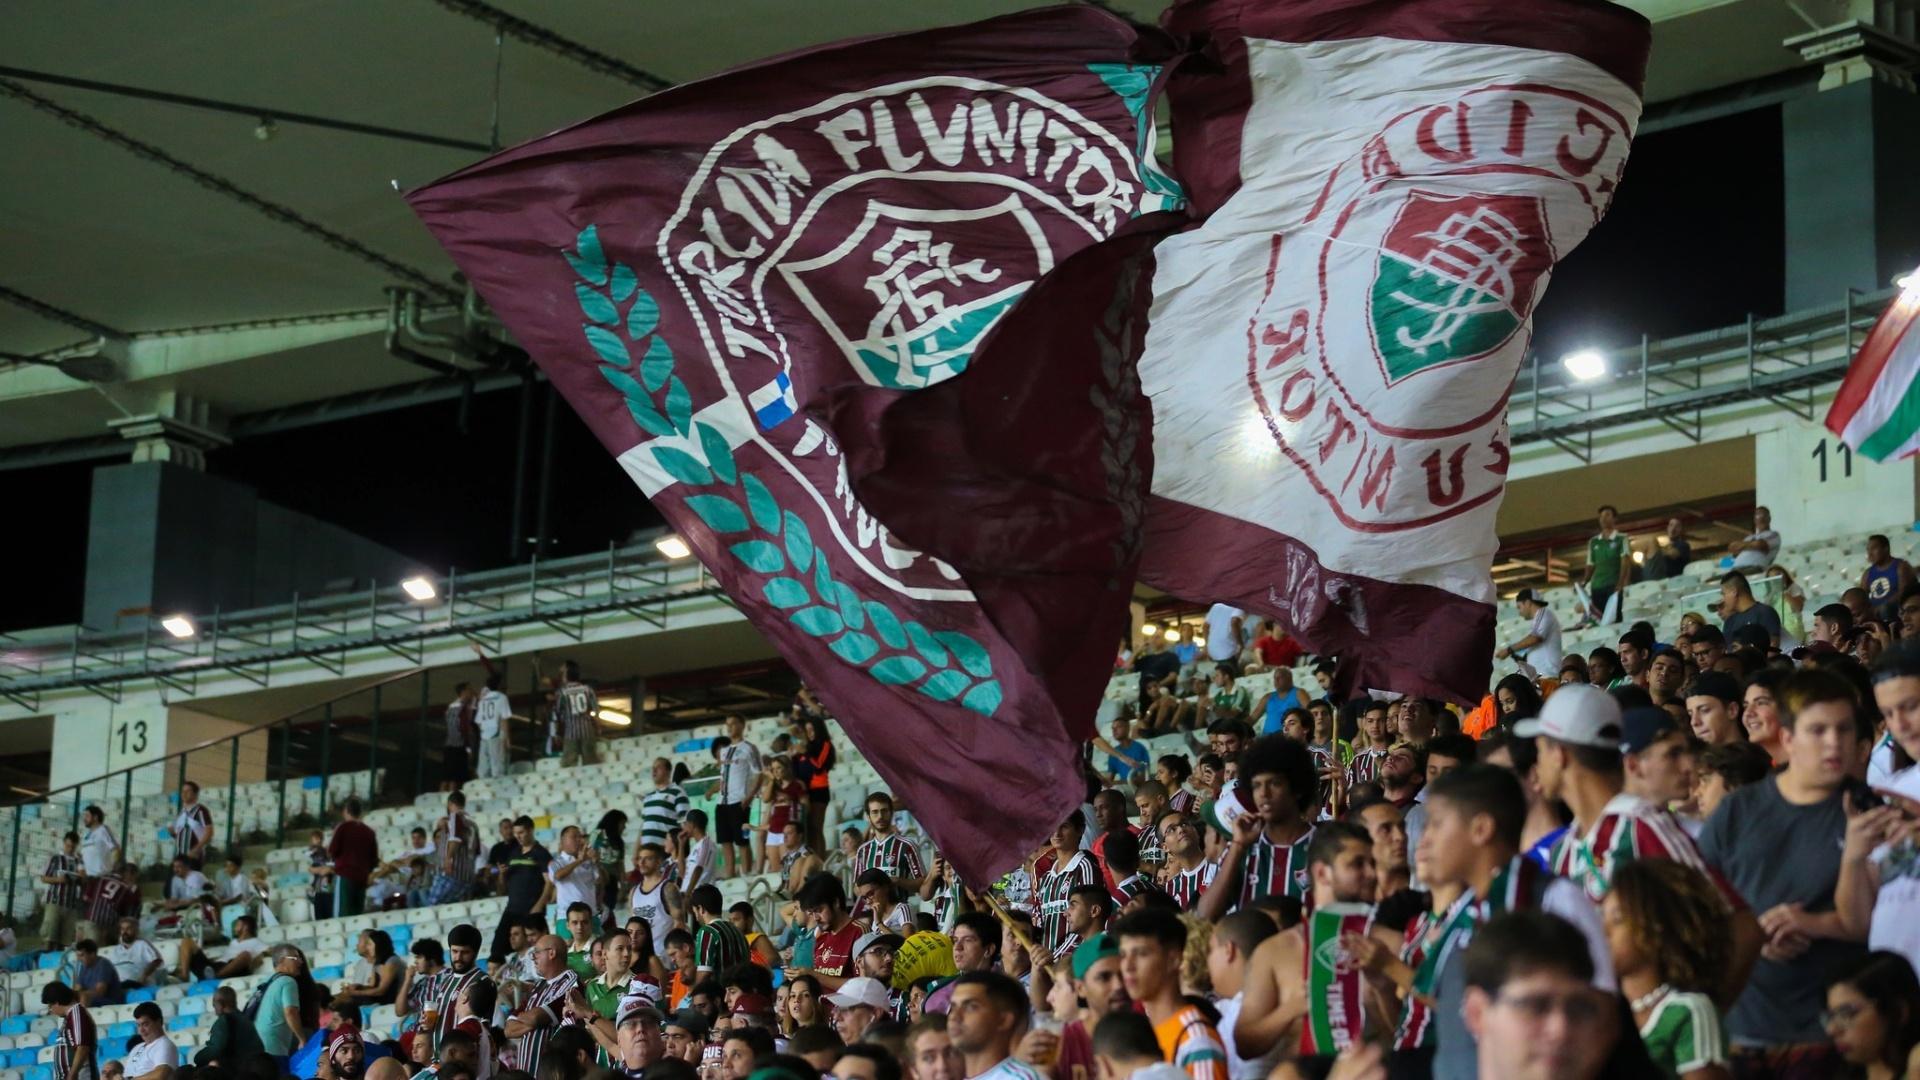 Torcida do Flu faz festa na partida Fluminense x Vasco pelas semifinais do Campeonato Carioca 2017